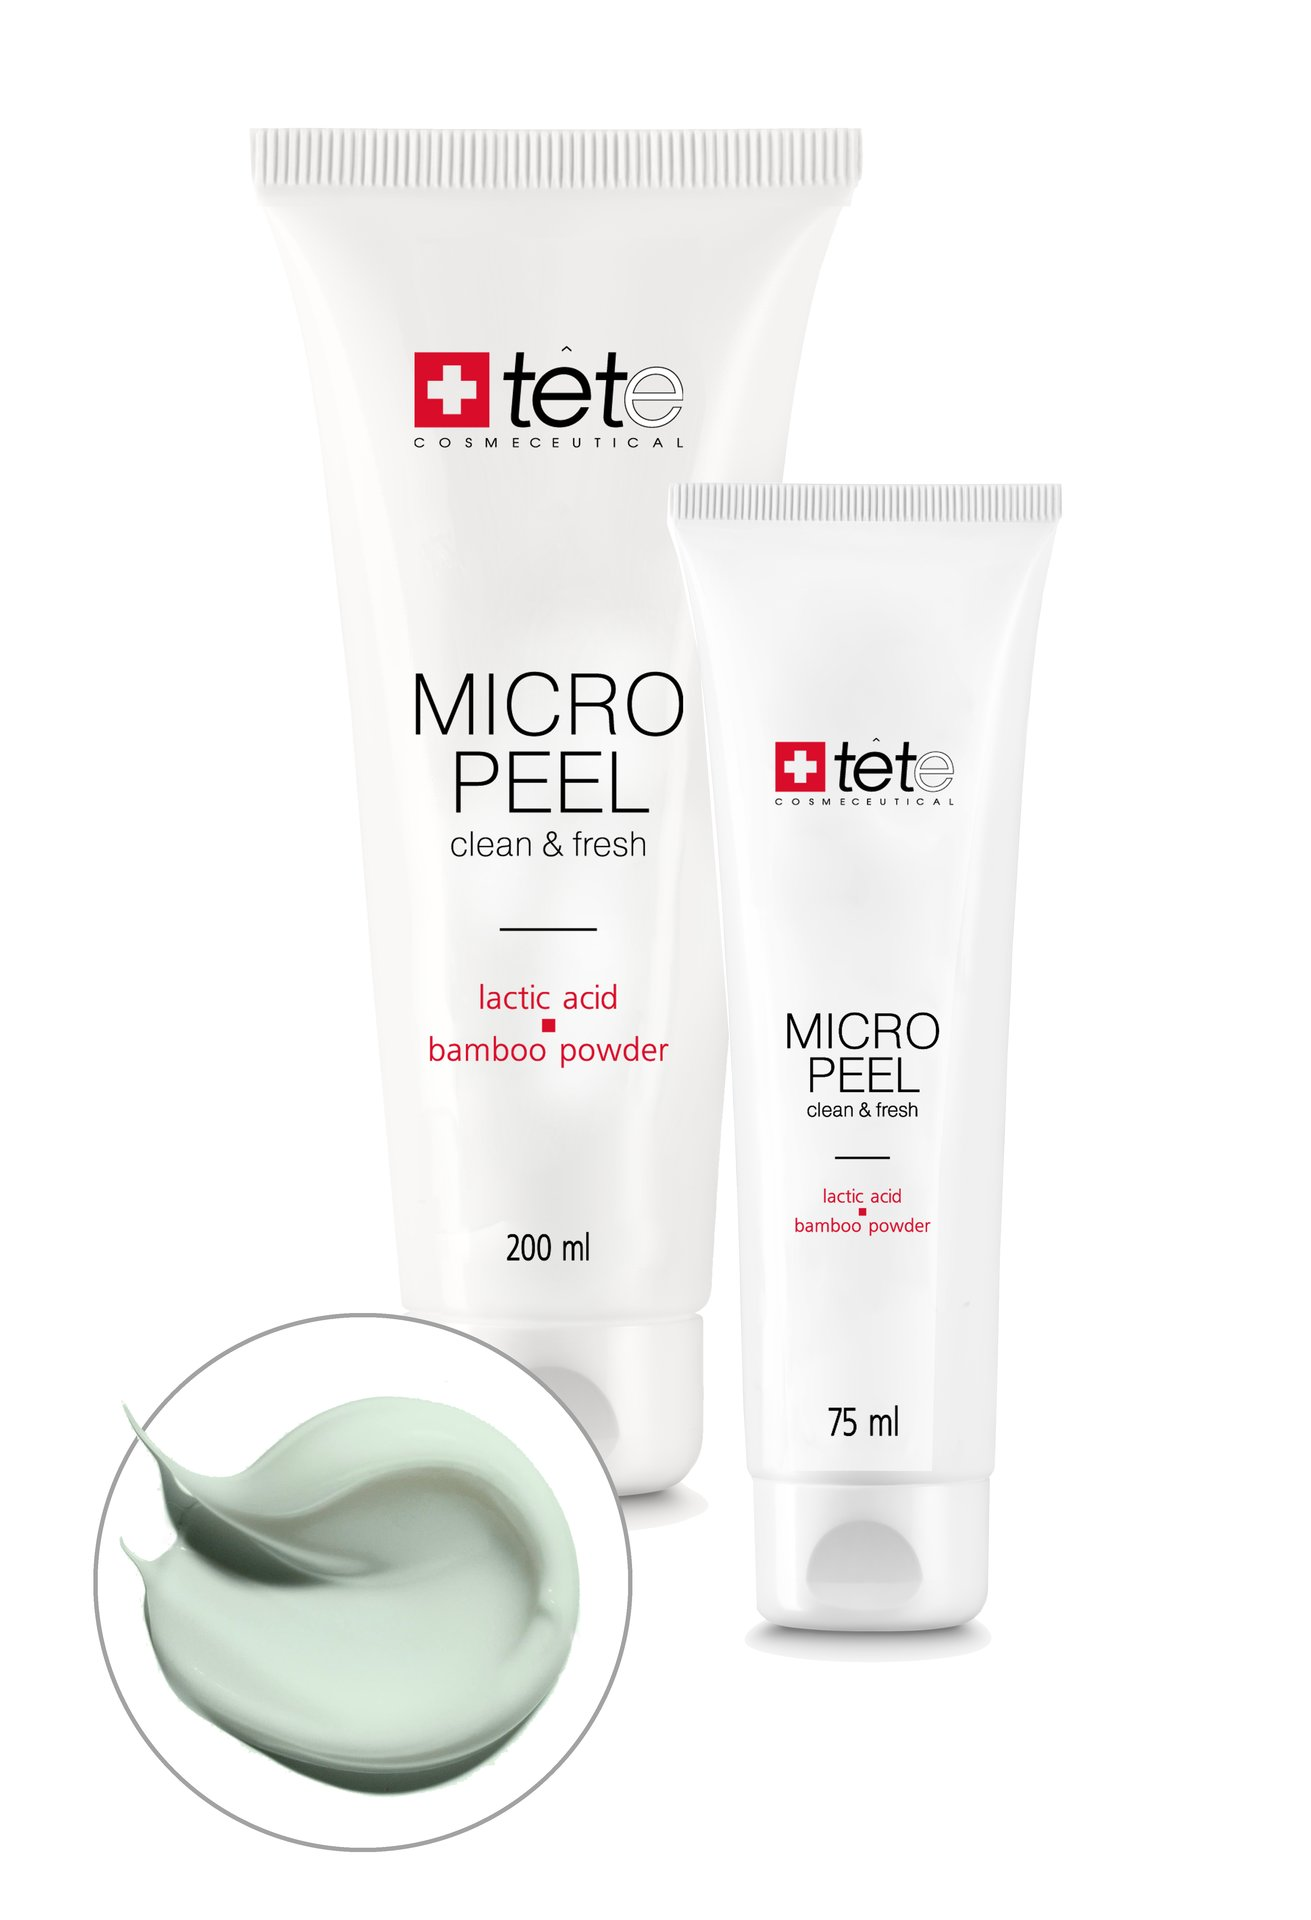 Micro Peel Мягкий эксфолиант с молочной/гликолевой кислотами и бамбуковой пудрой